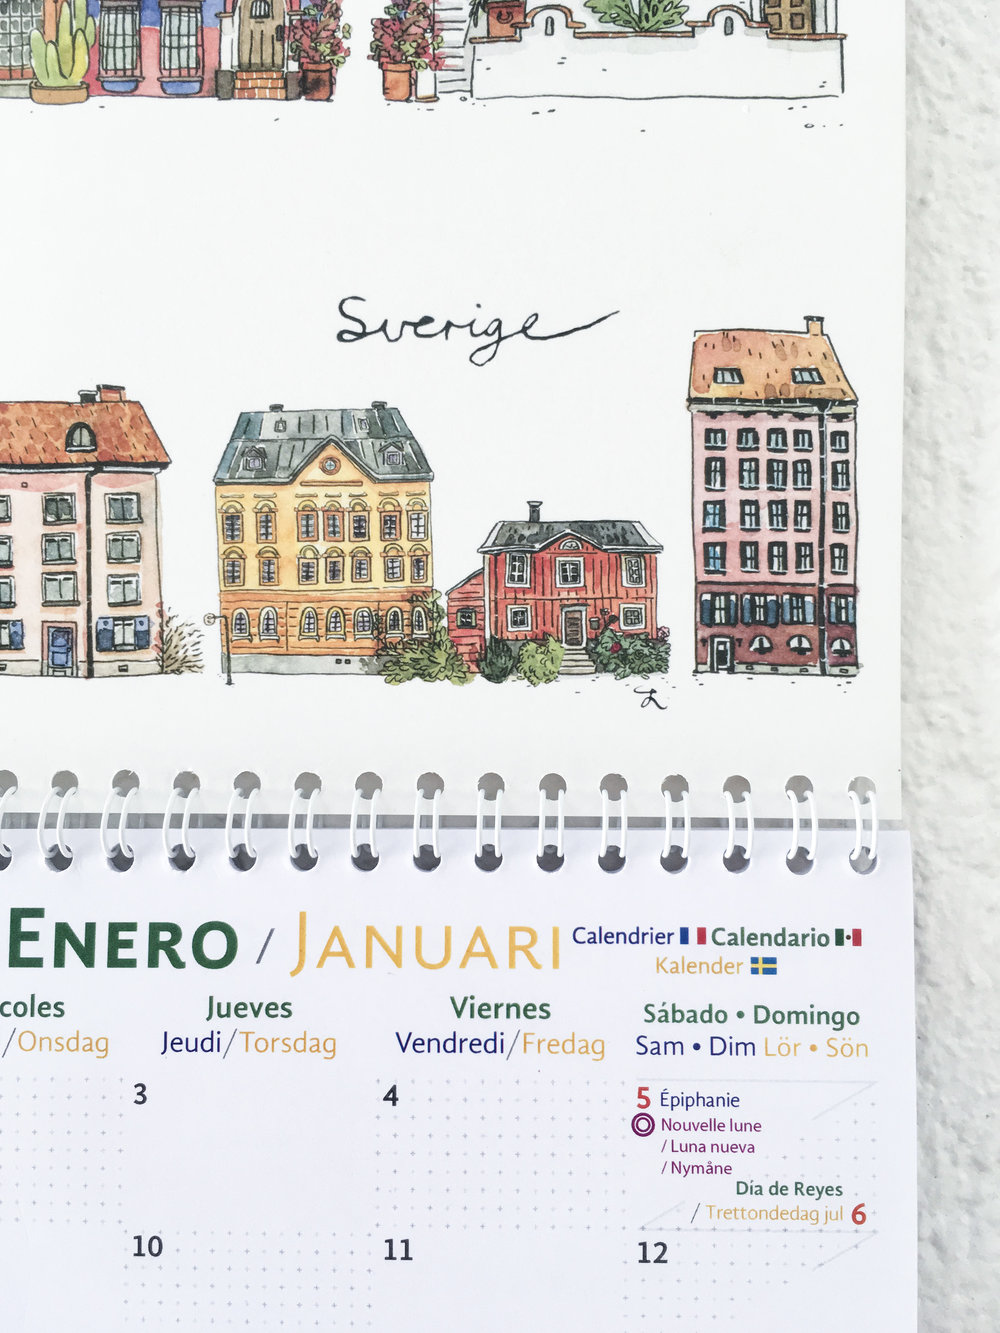 calendario 2019 14.jpg